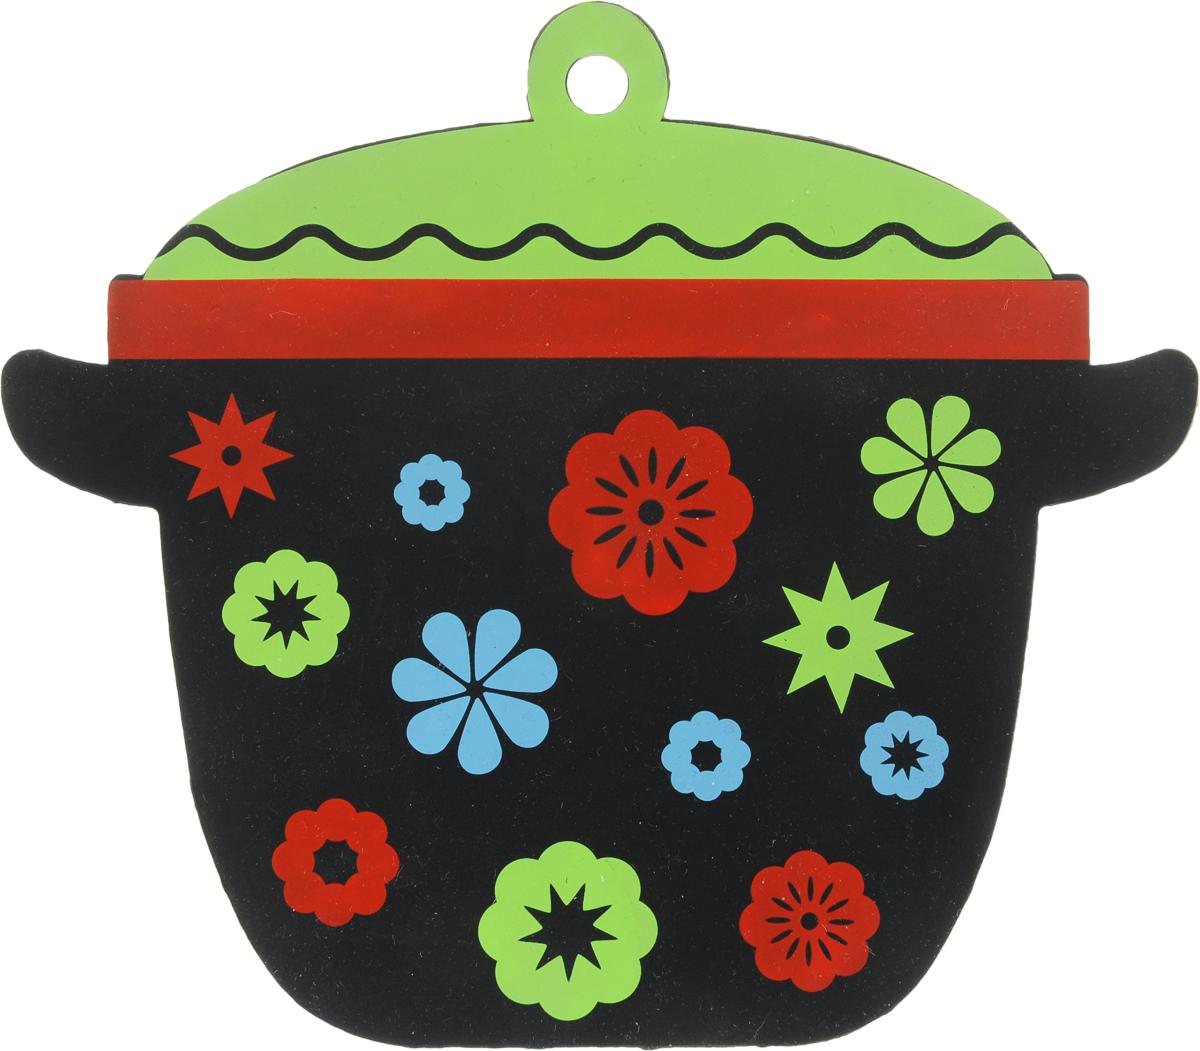 """Термостойкая подставка Marmiton """"Кастрюлька"""" выполнена из силикона. Этот материал устойчив к фруктовым кислотам, к воздействию низких и высоких температур. Обладает естественным антипригарным свойством.  Можно мыть и сушить в посудомоечной машине."""